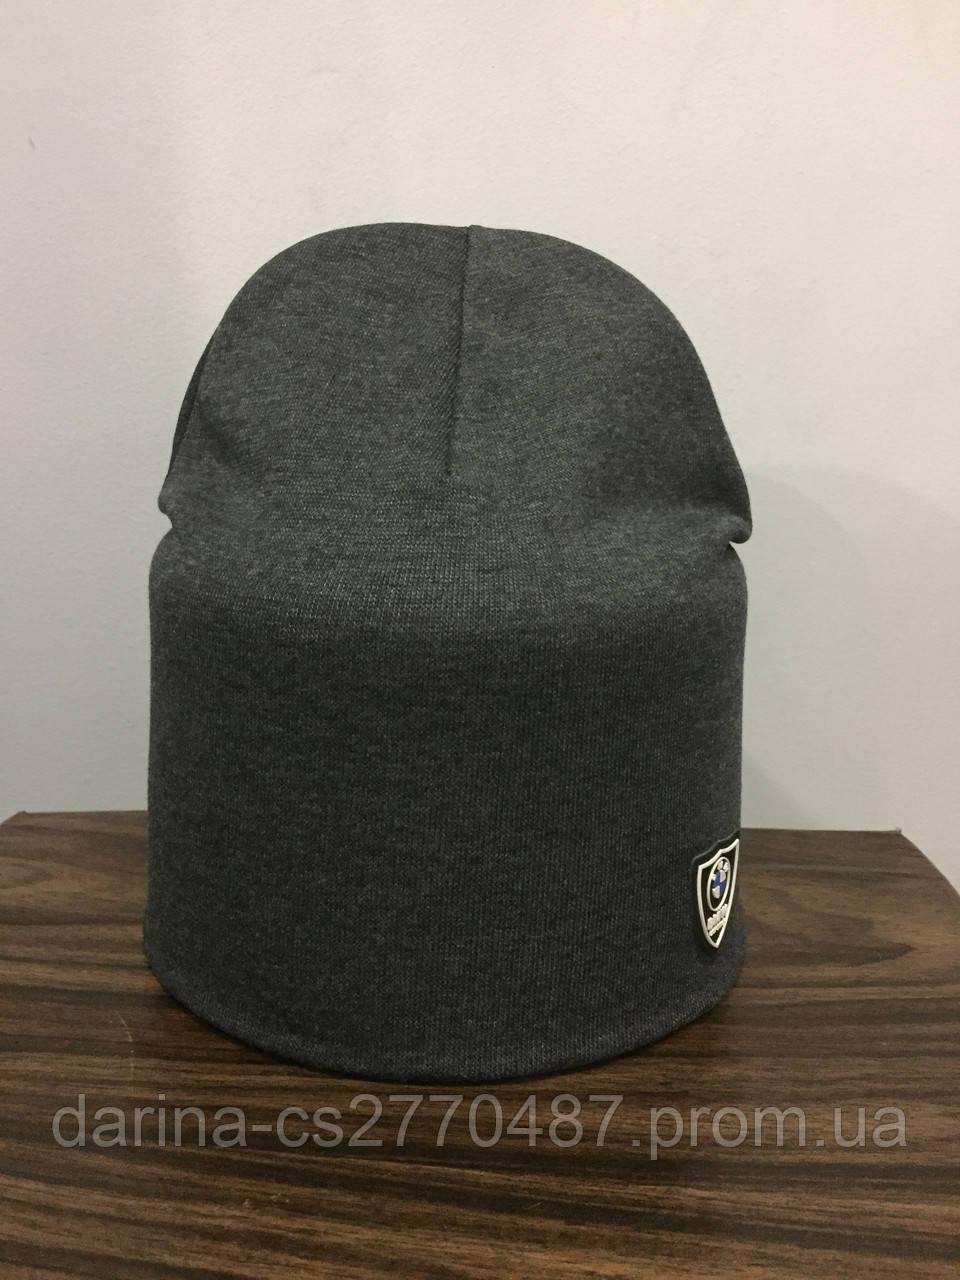 Подростковая шапка для мальчика